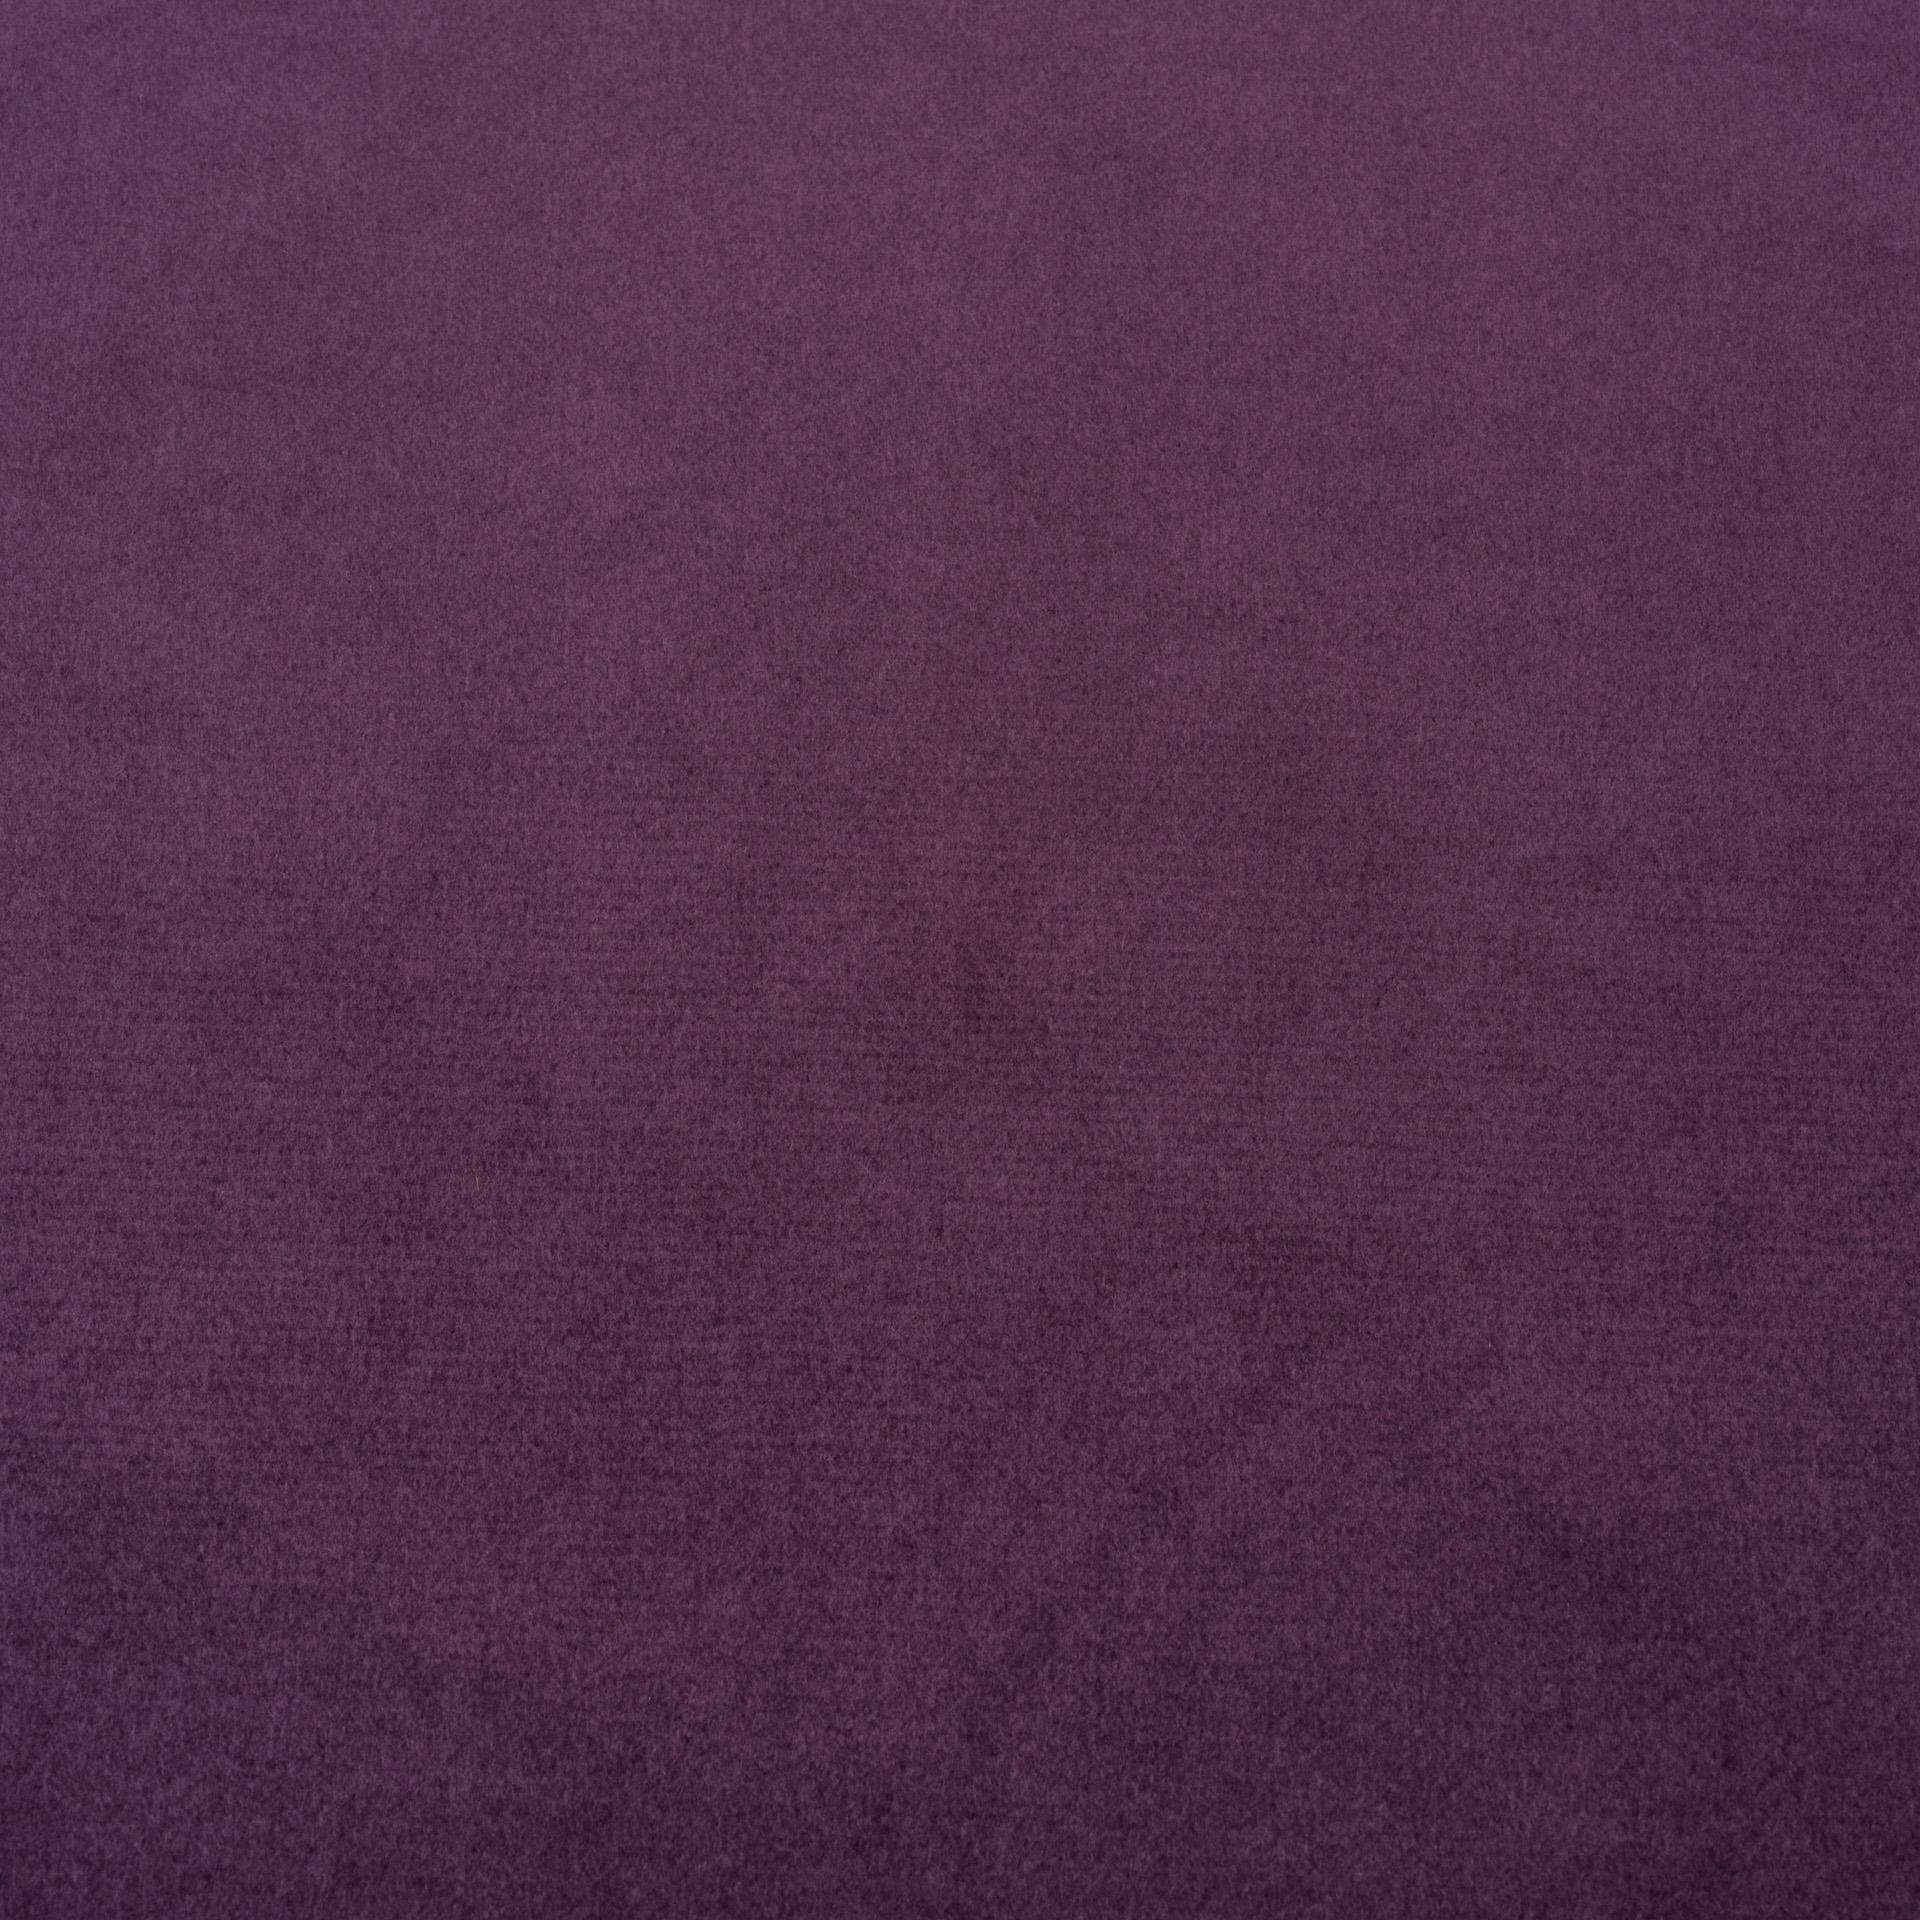 Коллекция ткани Багира 12 MAGIC IRIS,  купить ткань Велюр для мебели Украина